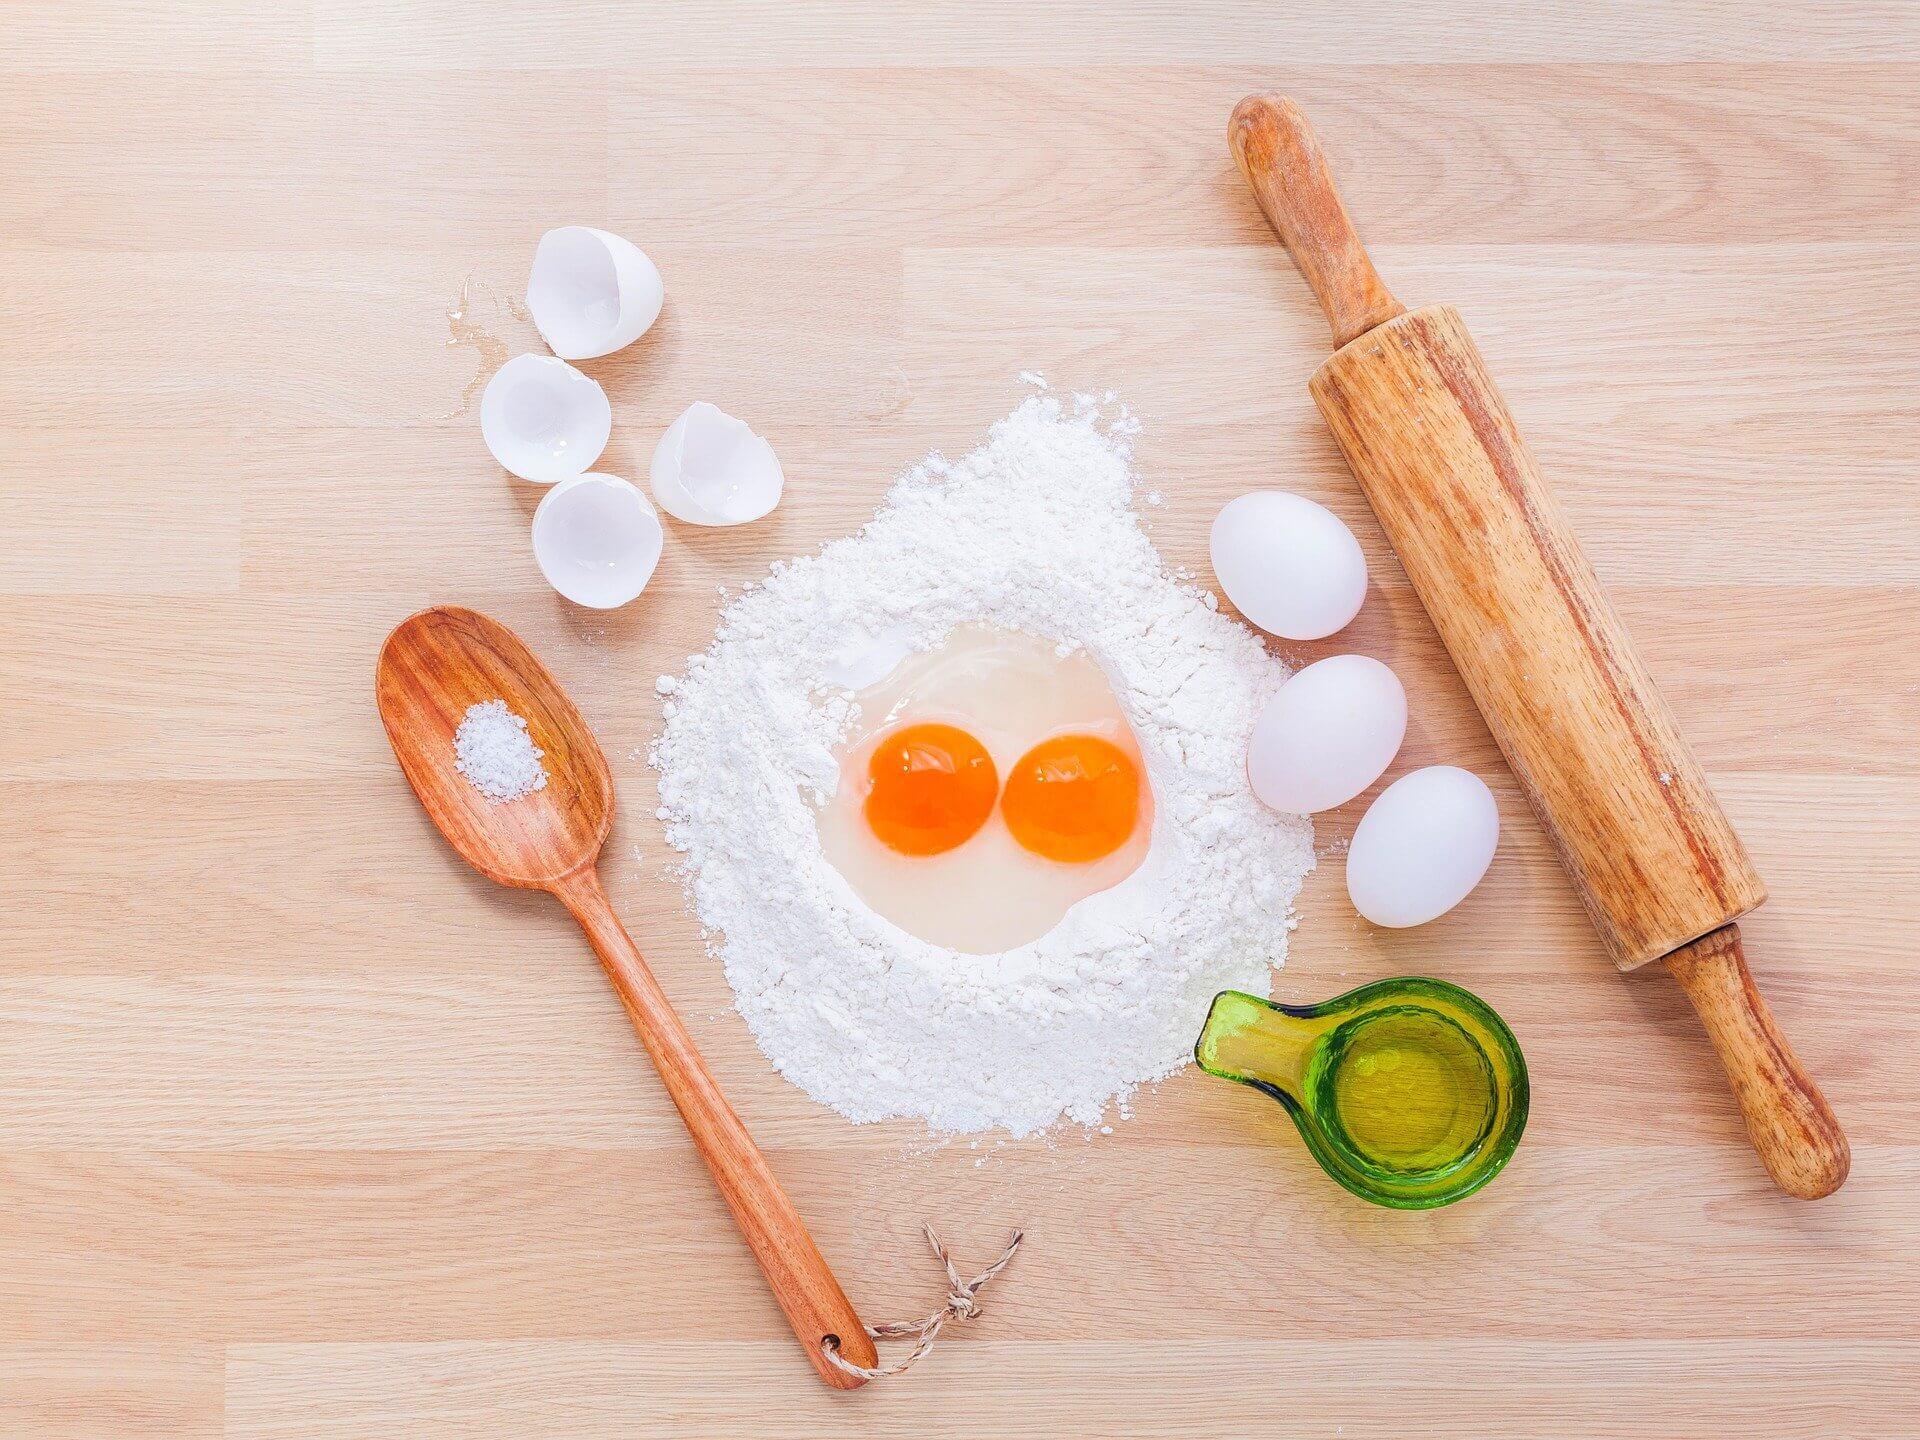 Donosimo magičan, ili bolje rečeno magično jednostavan, recept zbog kojeg će vam biti oprošteno što cijele dane provodite u kuhinji